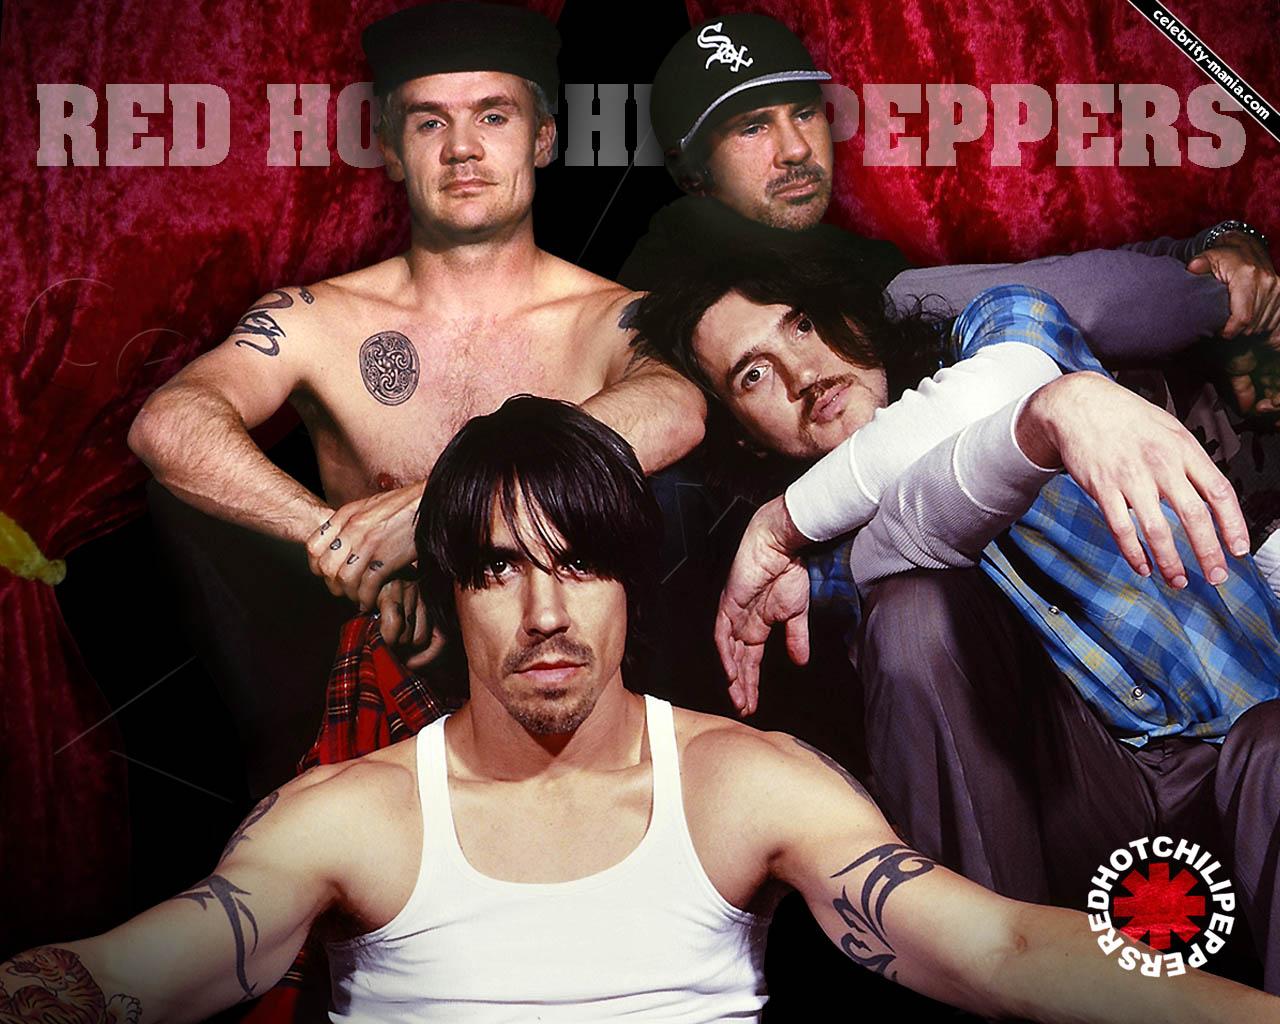 http://4.bp.blogspot.com/_xLSo19fp8E4/TVBD_tLjoGI/AAAAAAAAAC0/LgbpnqHEhbc/s1600/red_hot_chili_peppers.jpg